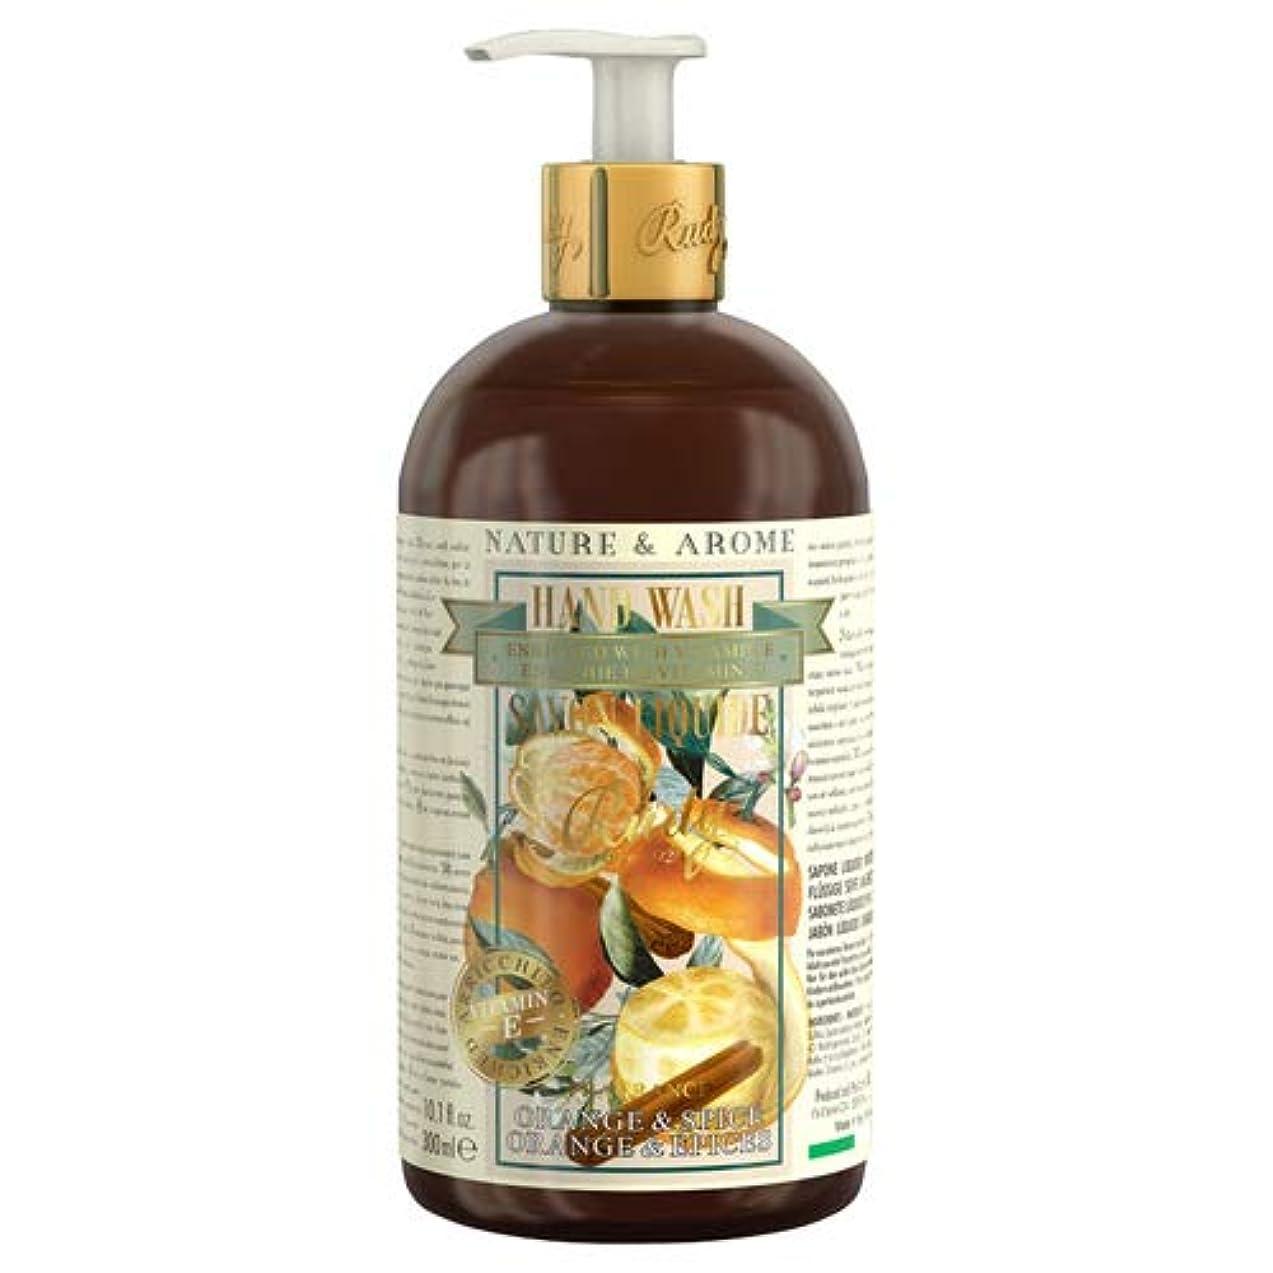 作成者マトンビザRUDY Nature&Arome Apothecary ネイチャーアロマ アポセカリー Hand Wash ハンドウォッシュ(ボディソープ) Orange & Spice オレンジ&スパイス